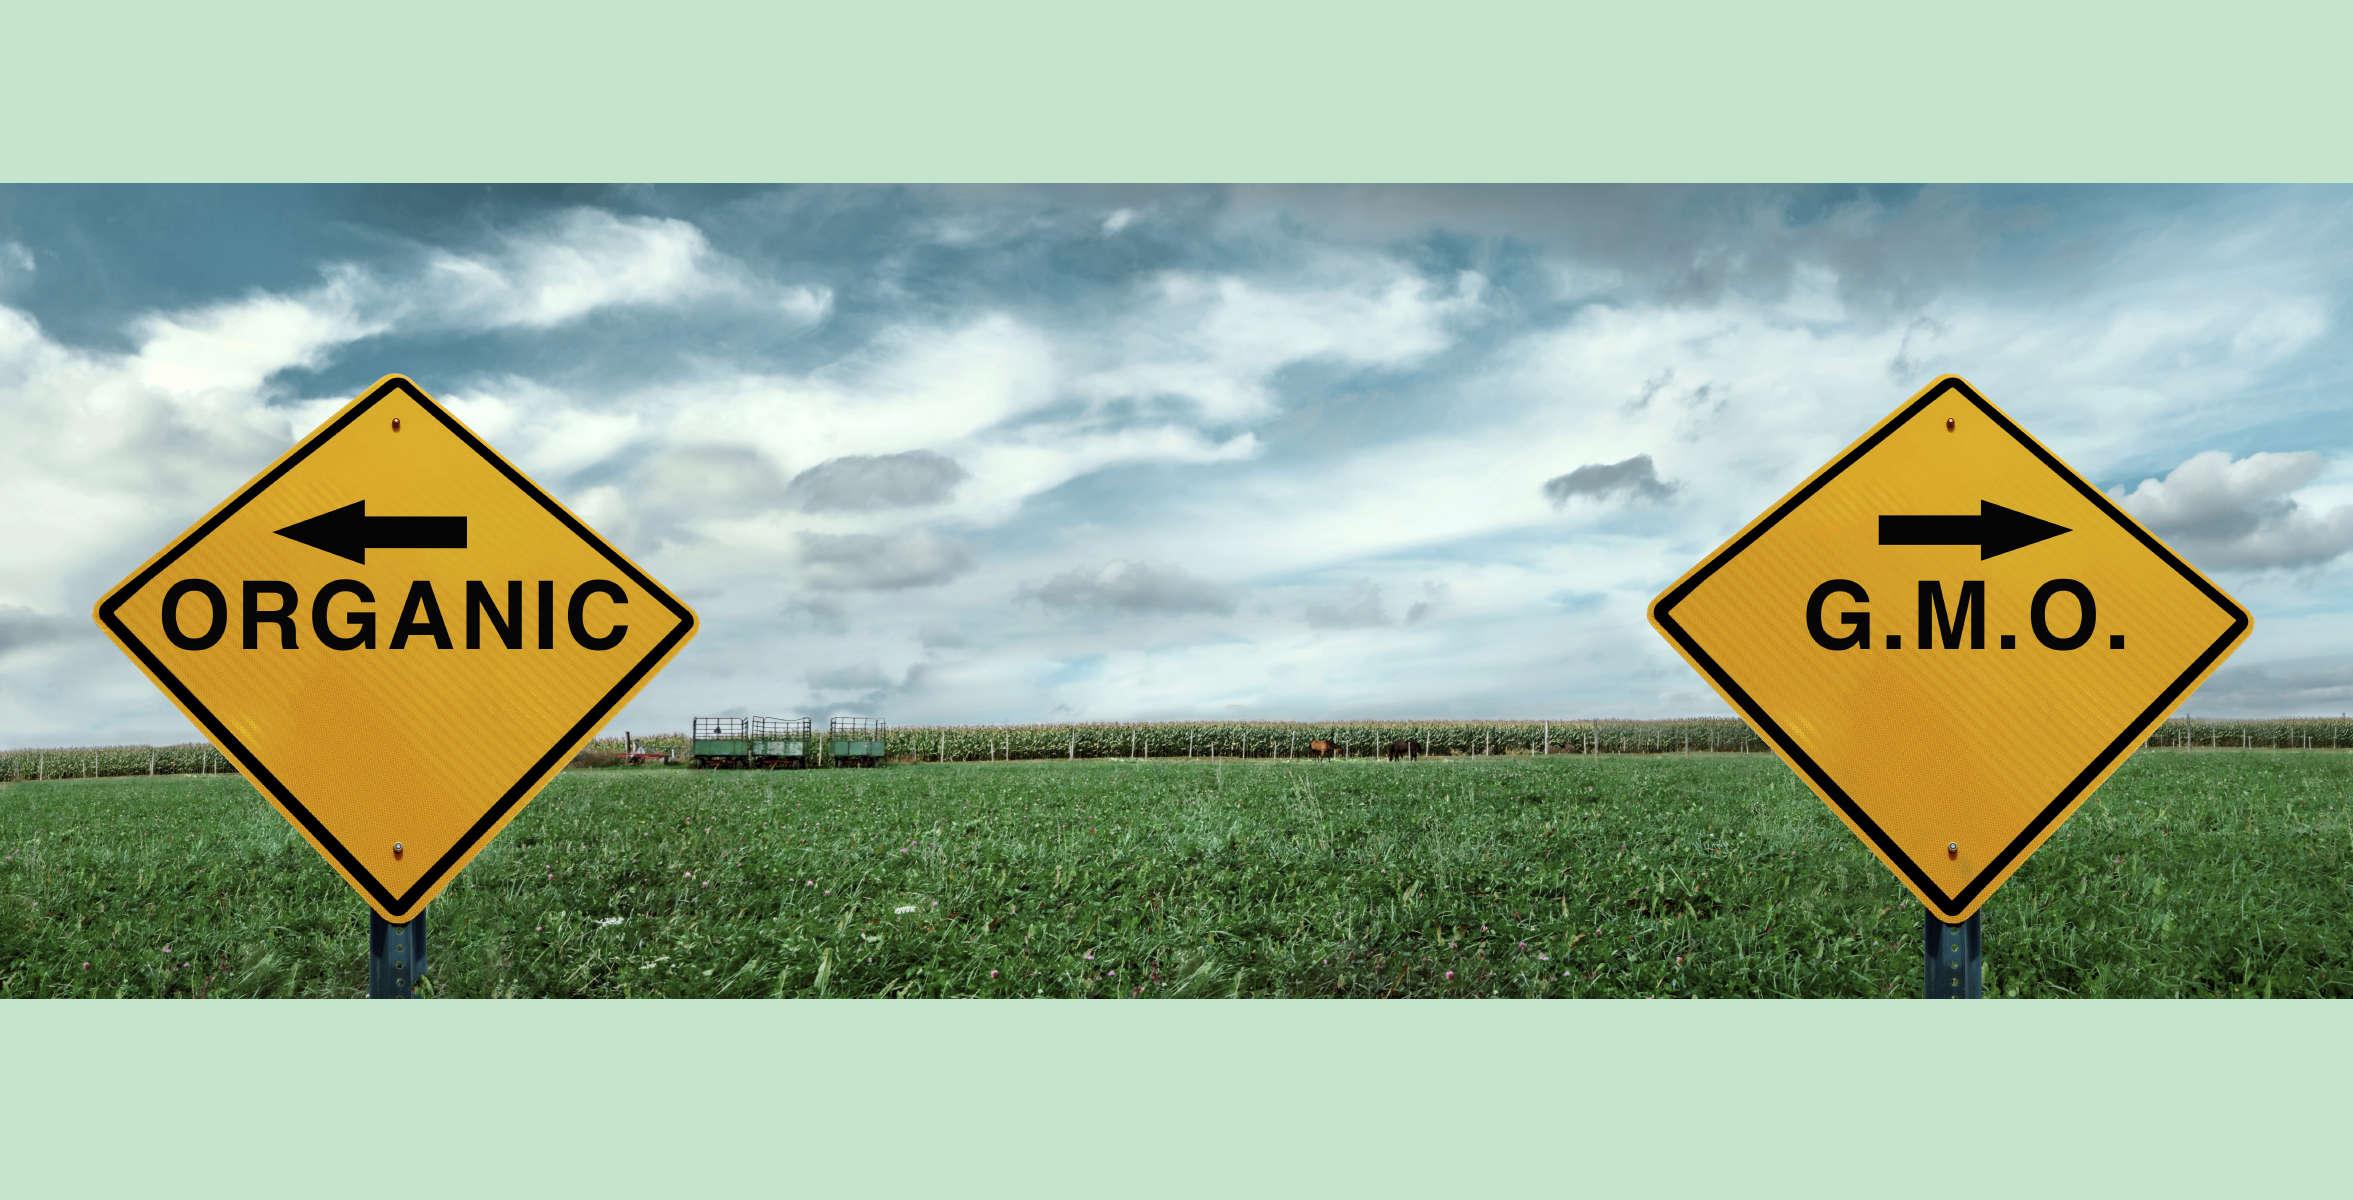 Organic vs GMO signs in field